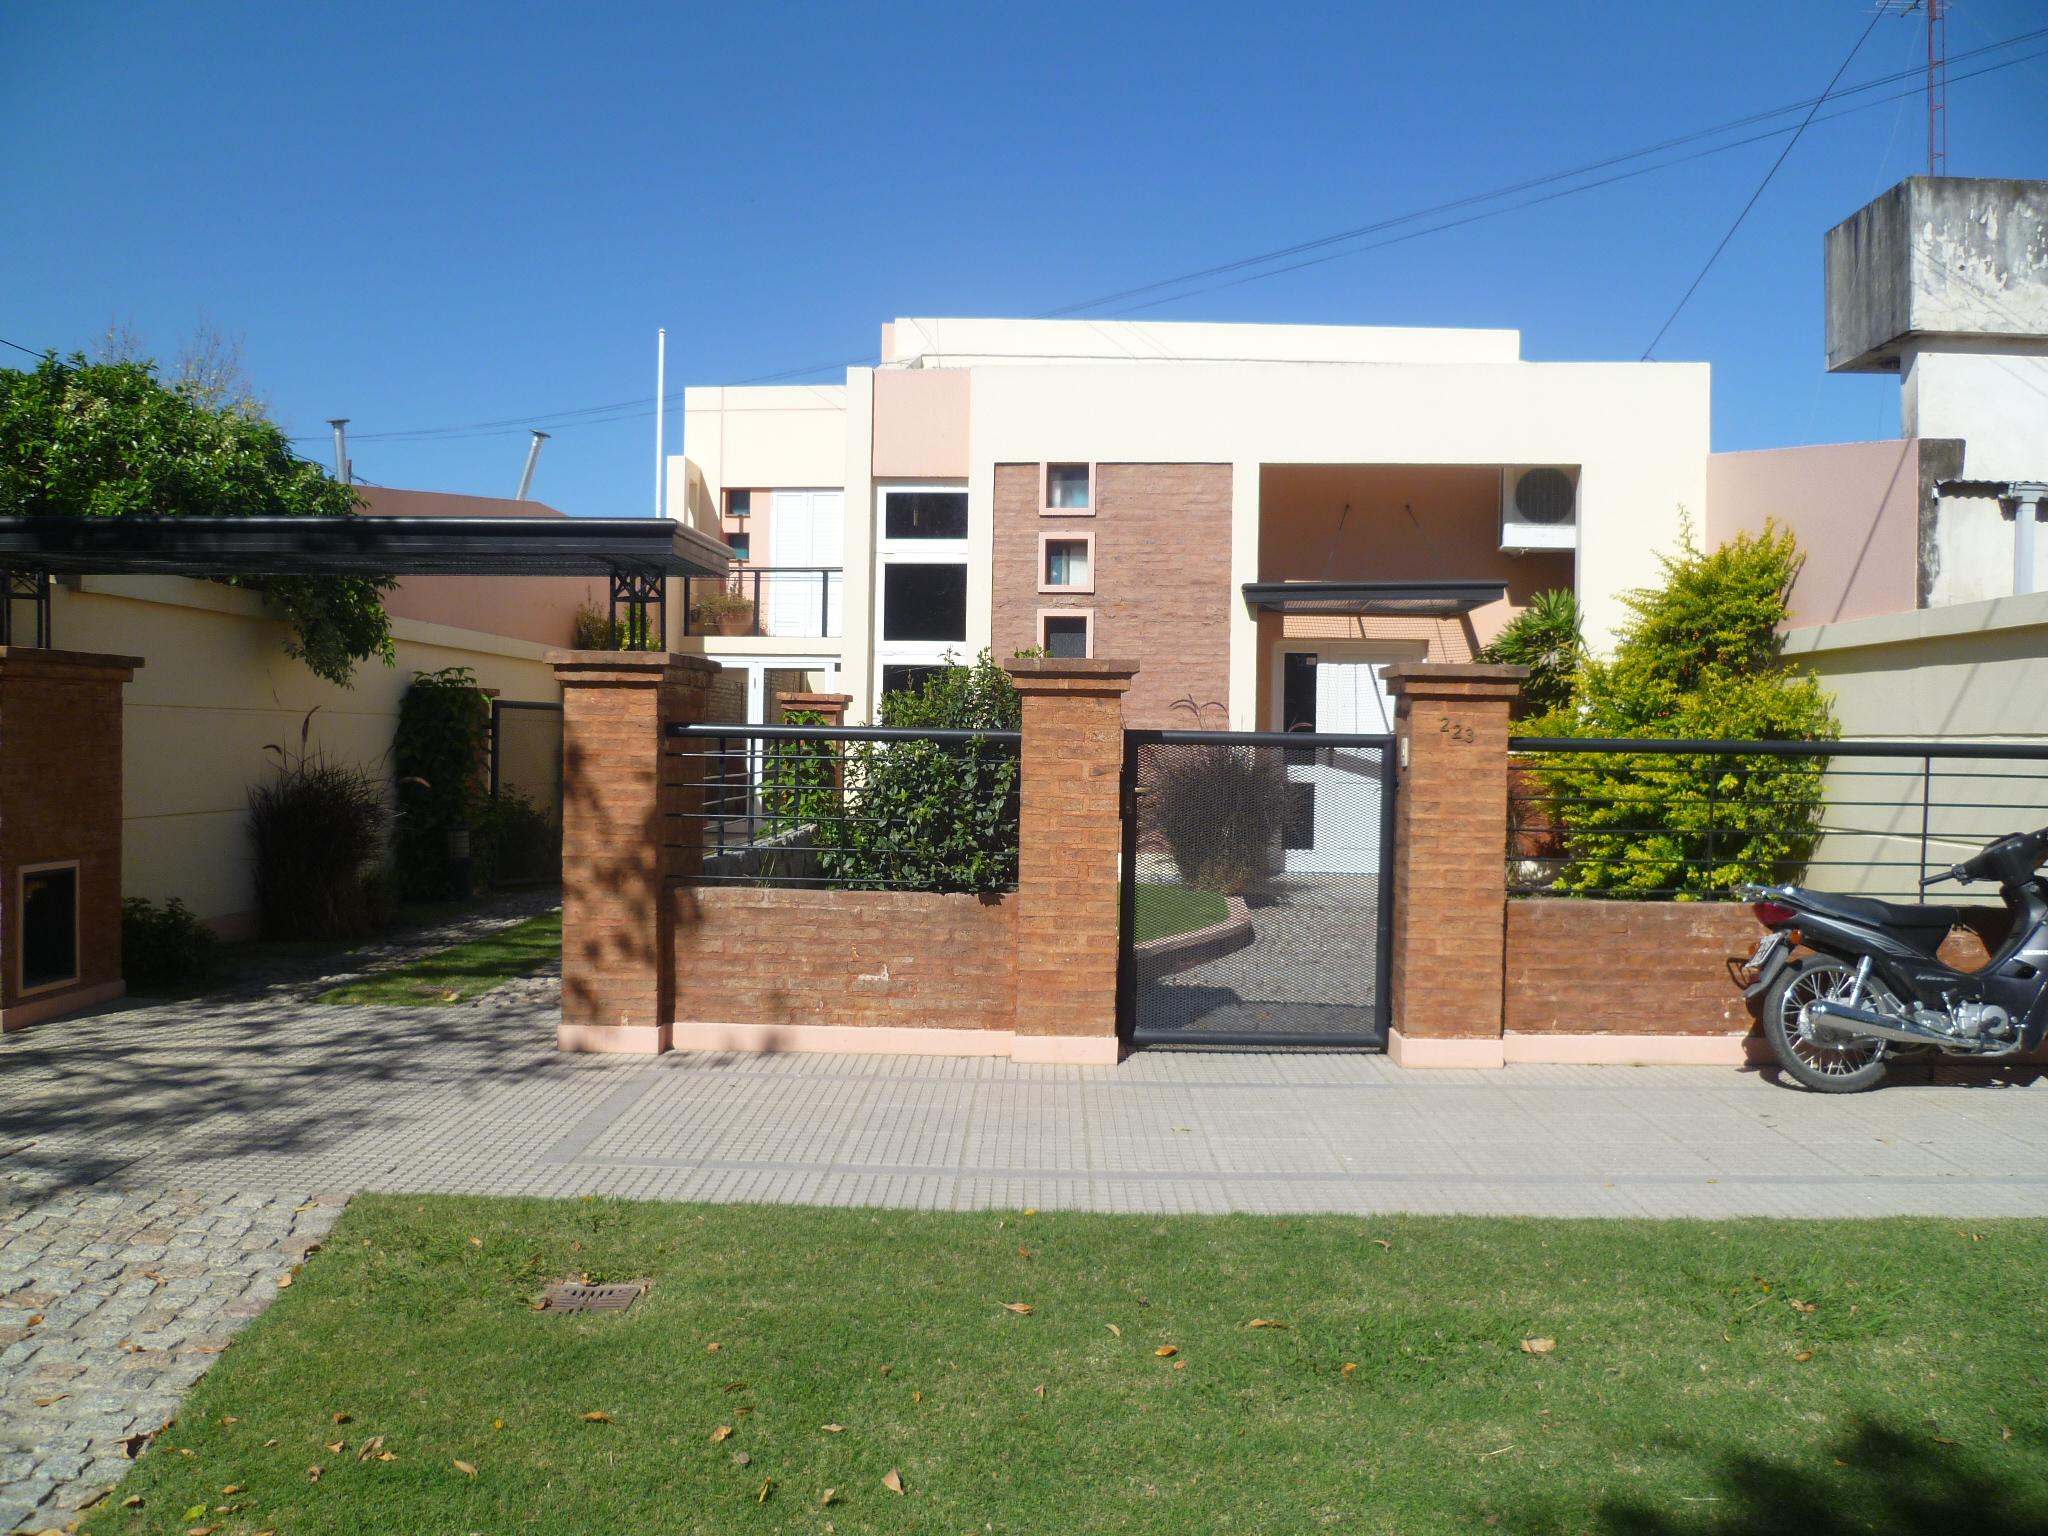 Gaitan 223 - Gaggiotti Inmobiliaria cuenta con más de 50 años desde que se inicio en el negocio de los servicios inmobiliarios.